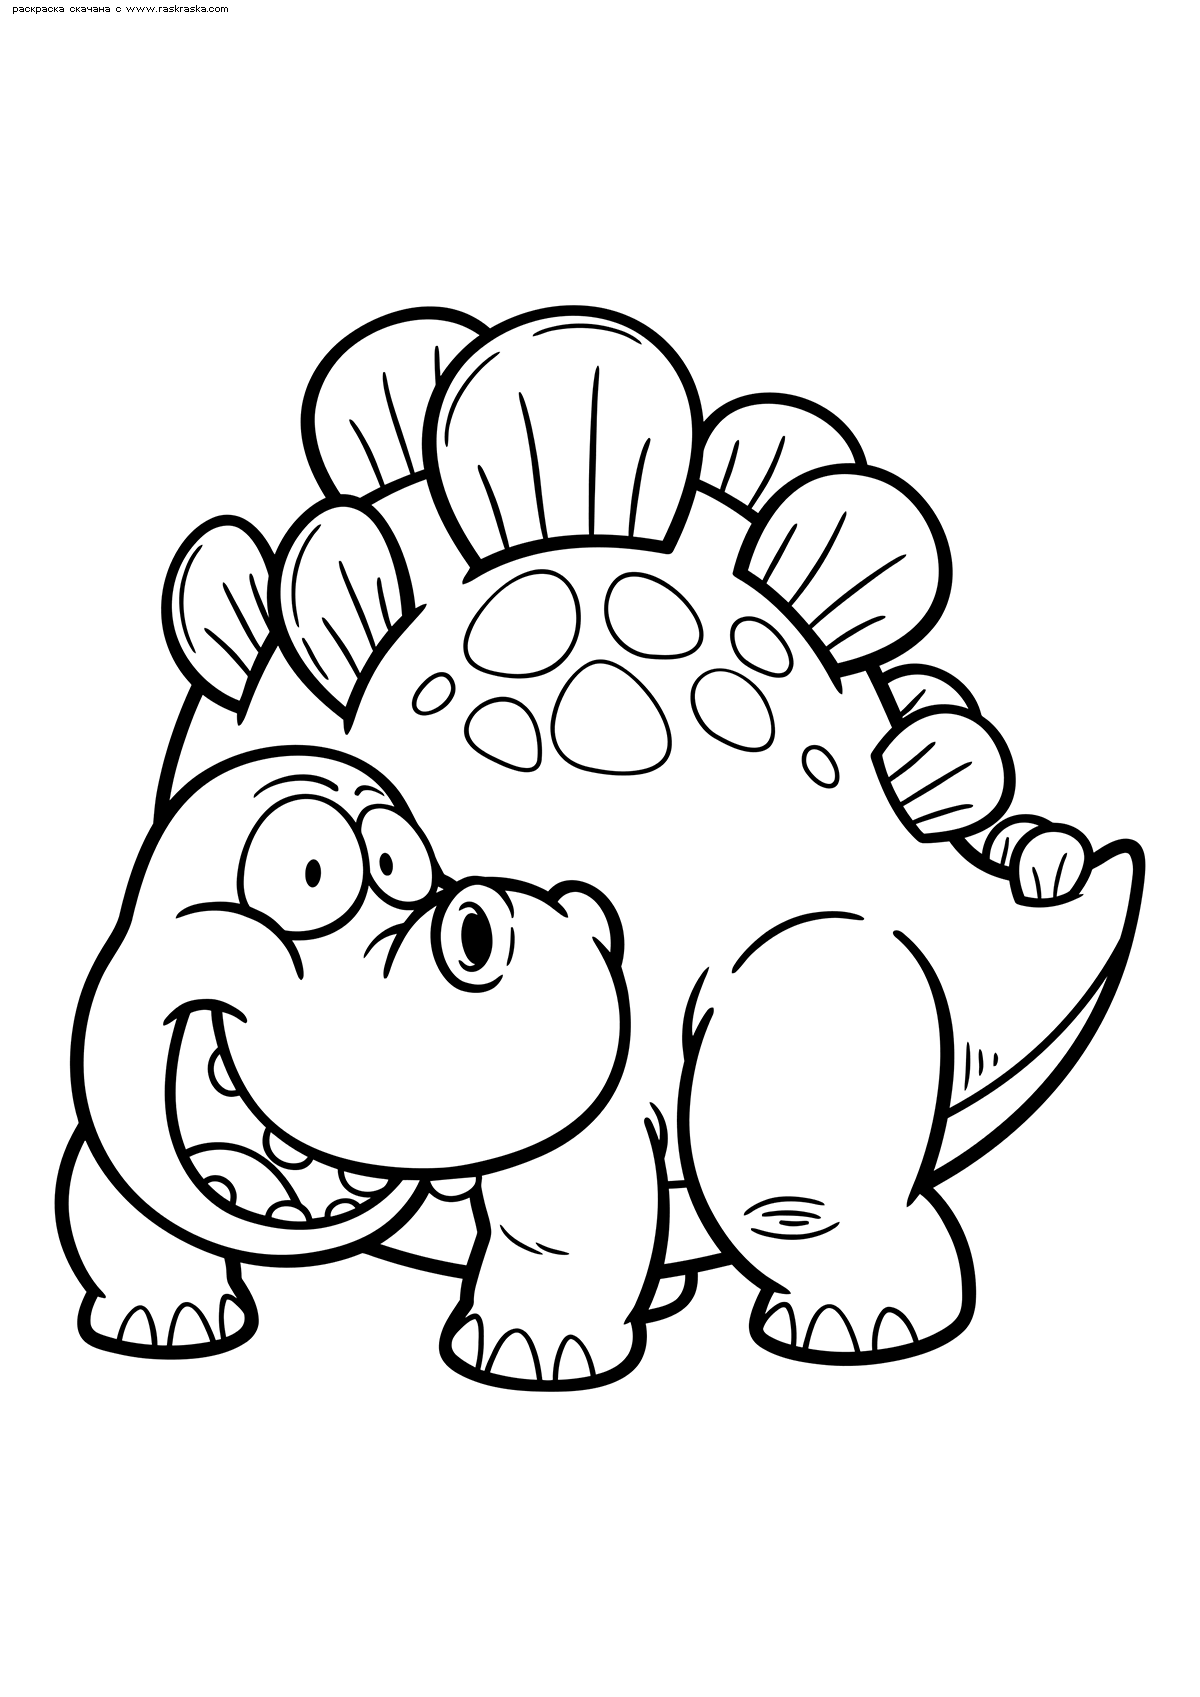 Раскраска Стегозавр. Раскраска динозавр